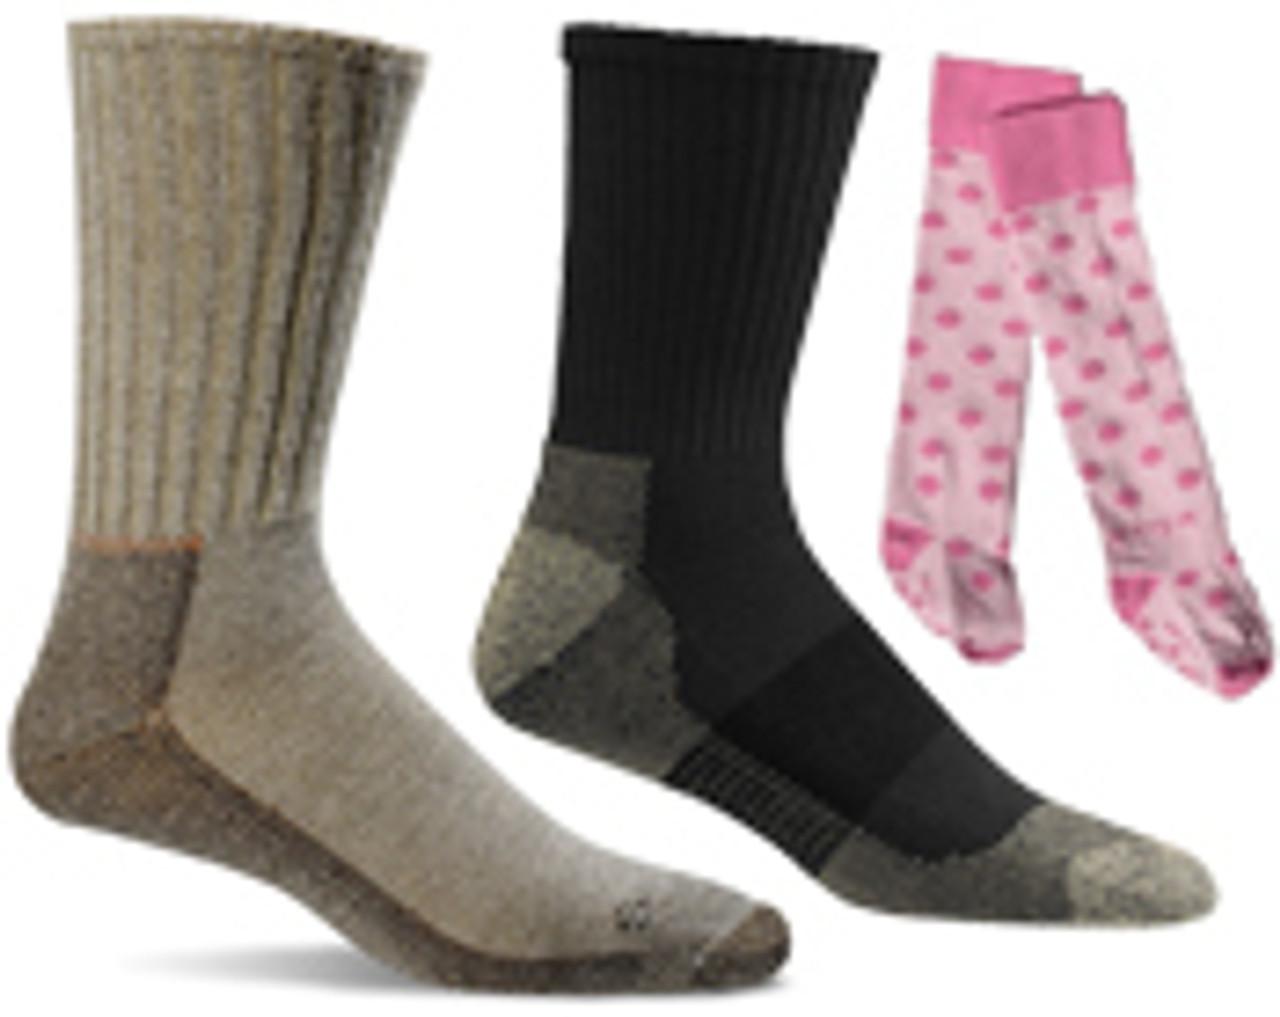 Socks, Compression Socks, and Diabetic Socks